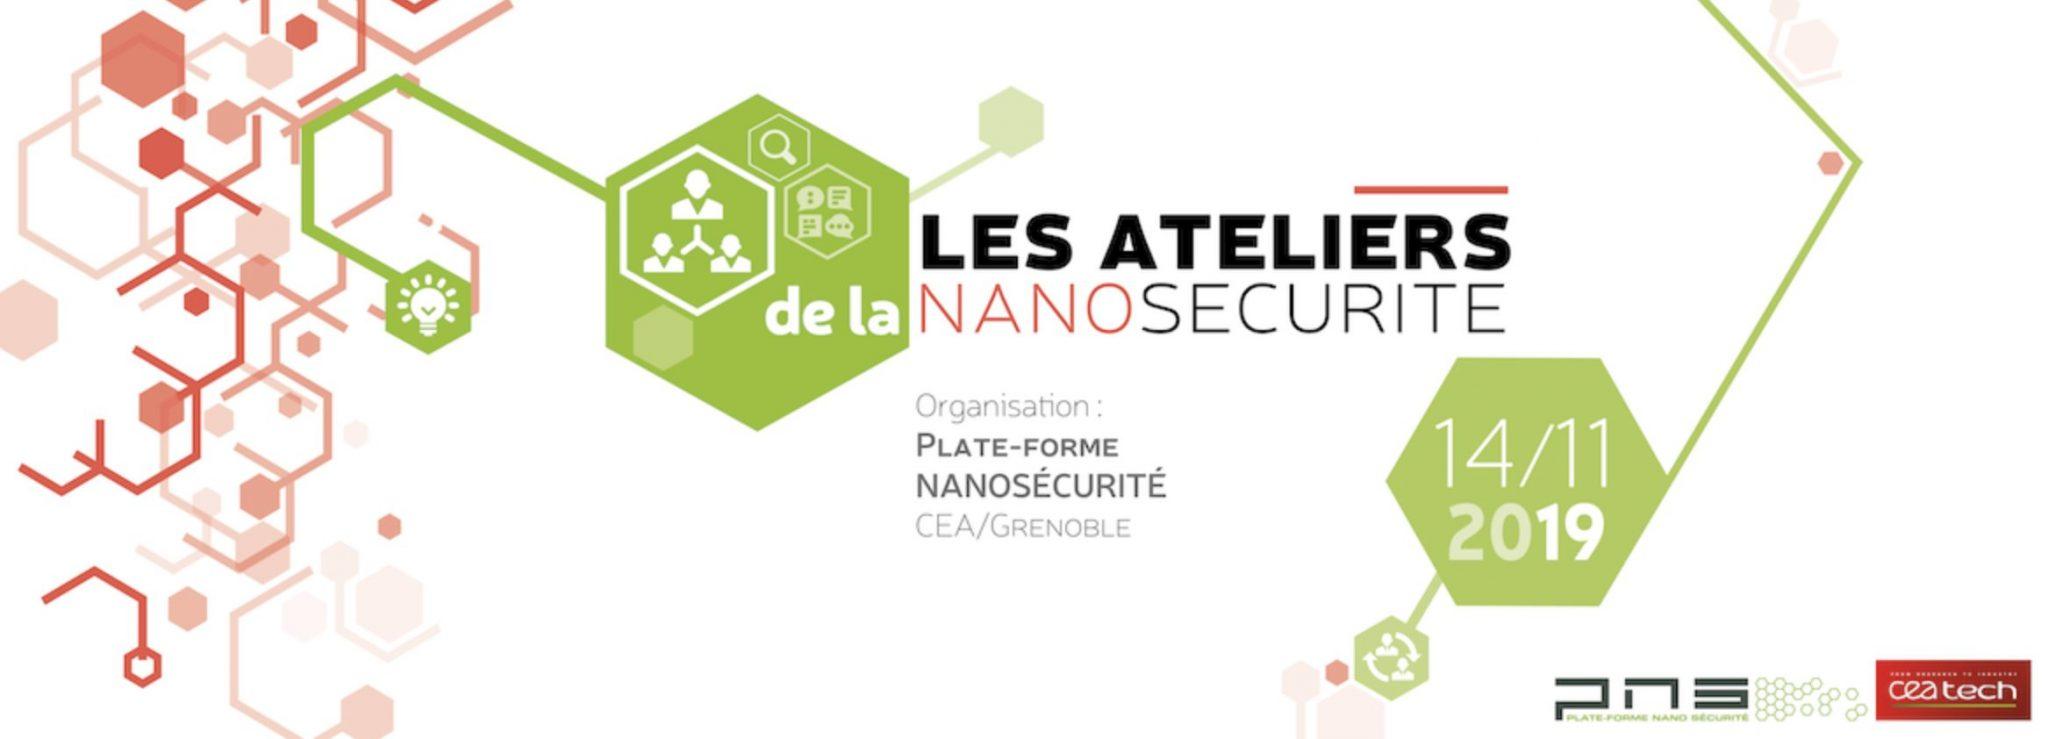 Les Ateliers de la Nano-Sécurité 2019 – Grenoble